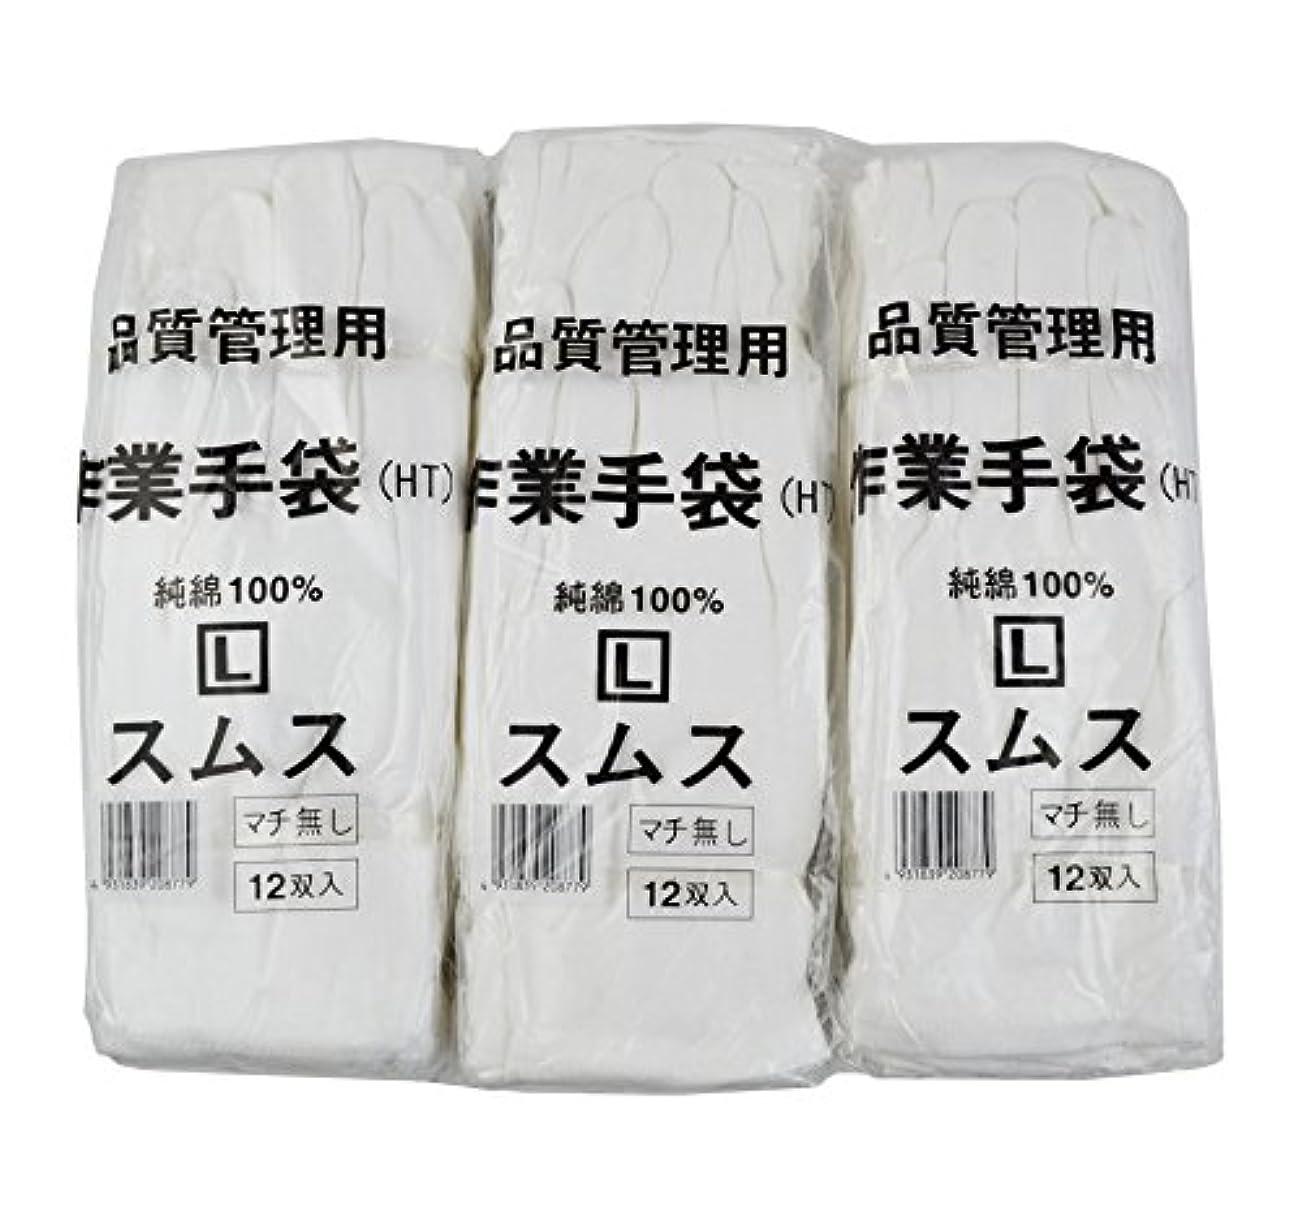 出力盟主石油【お得なセット売り】(36双) 純綿100% スムス 手袋 Lサイズ 12双×3袋セット 大人用 多用途 作業手袋 101118